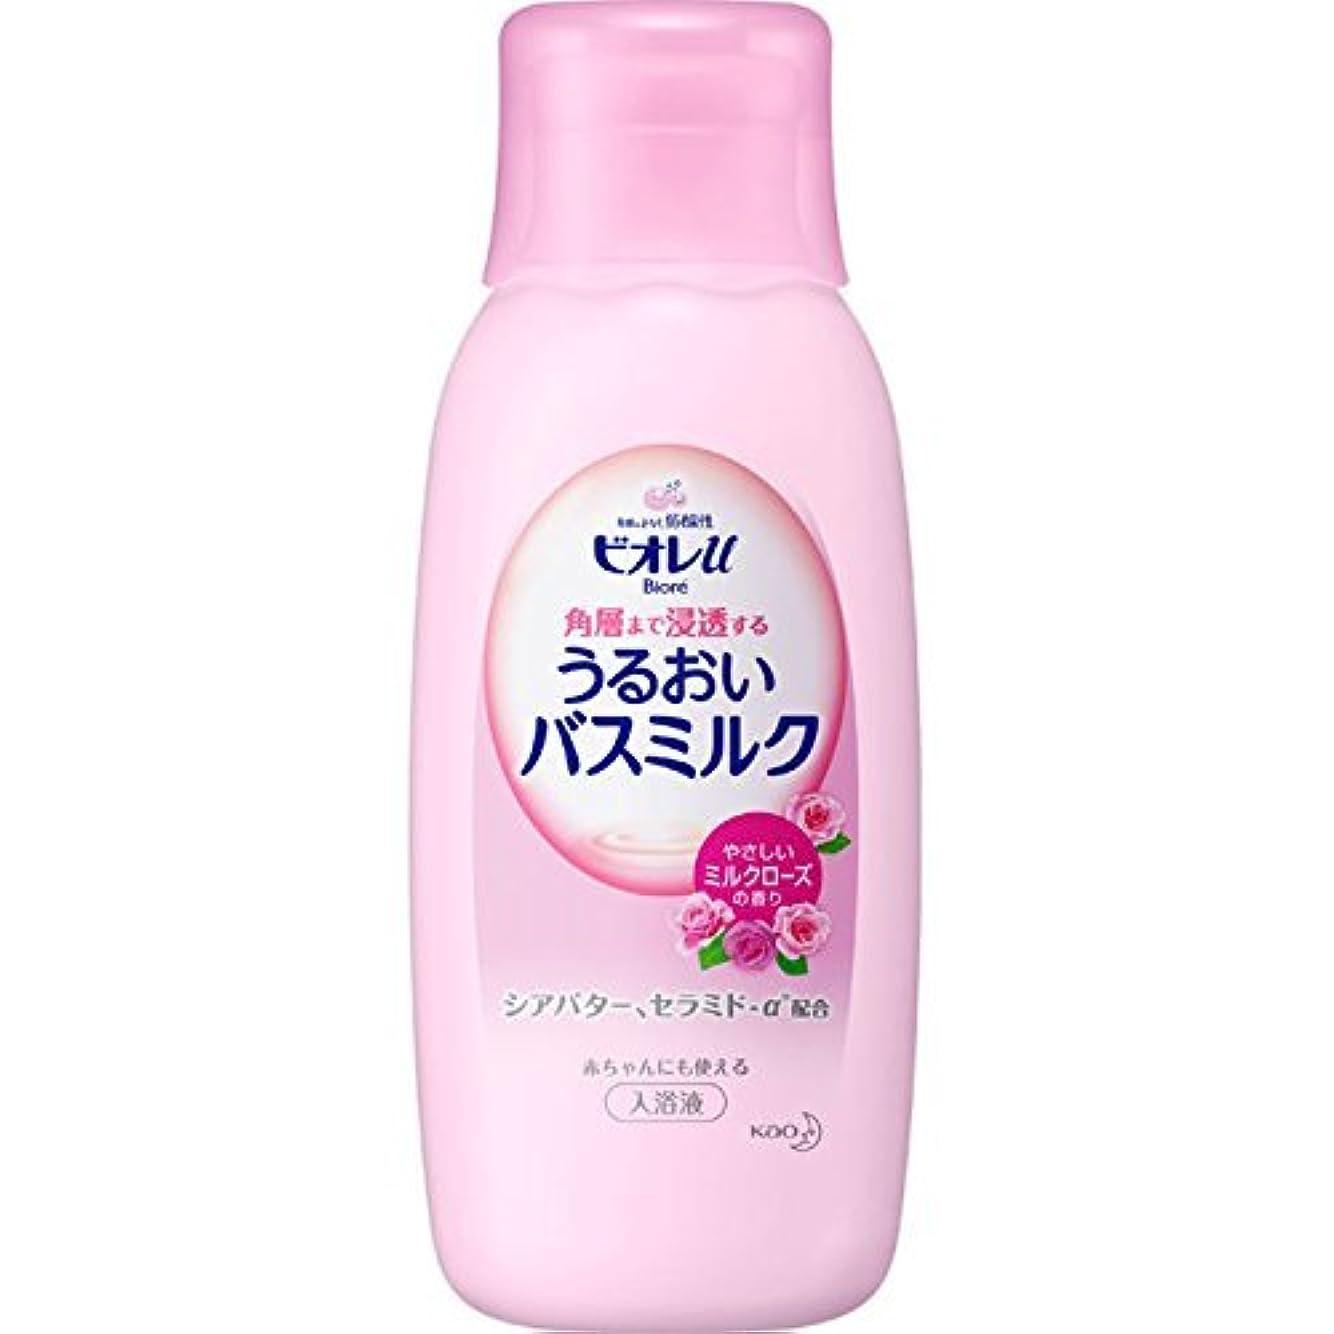 【花王】ビオレU 家族みんなのすべすべバスミルク ミルクローズの香り <本体> 600ml ×10個セット